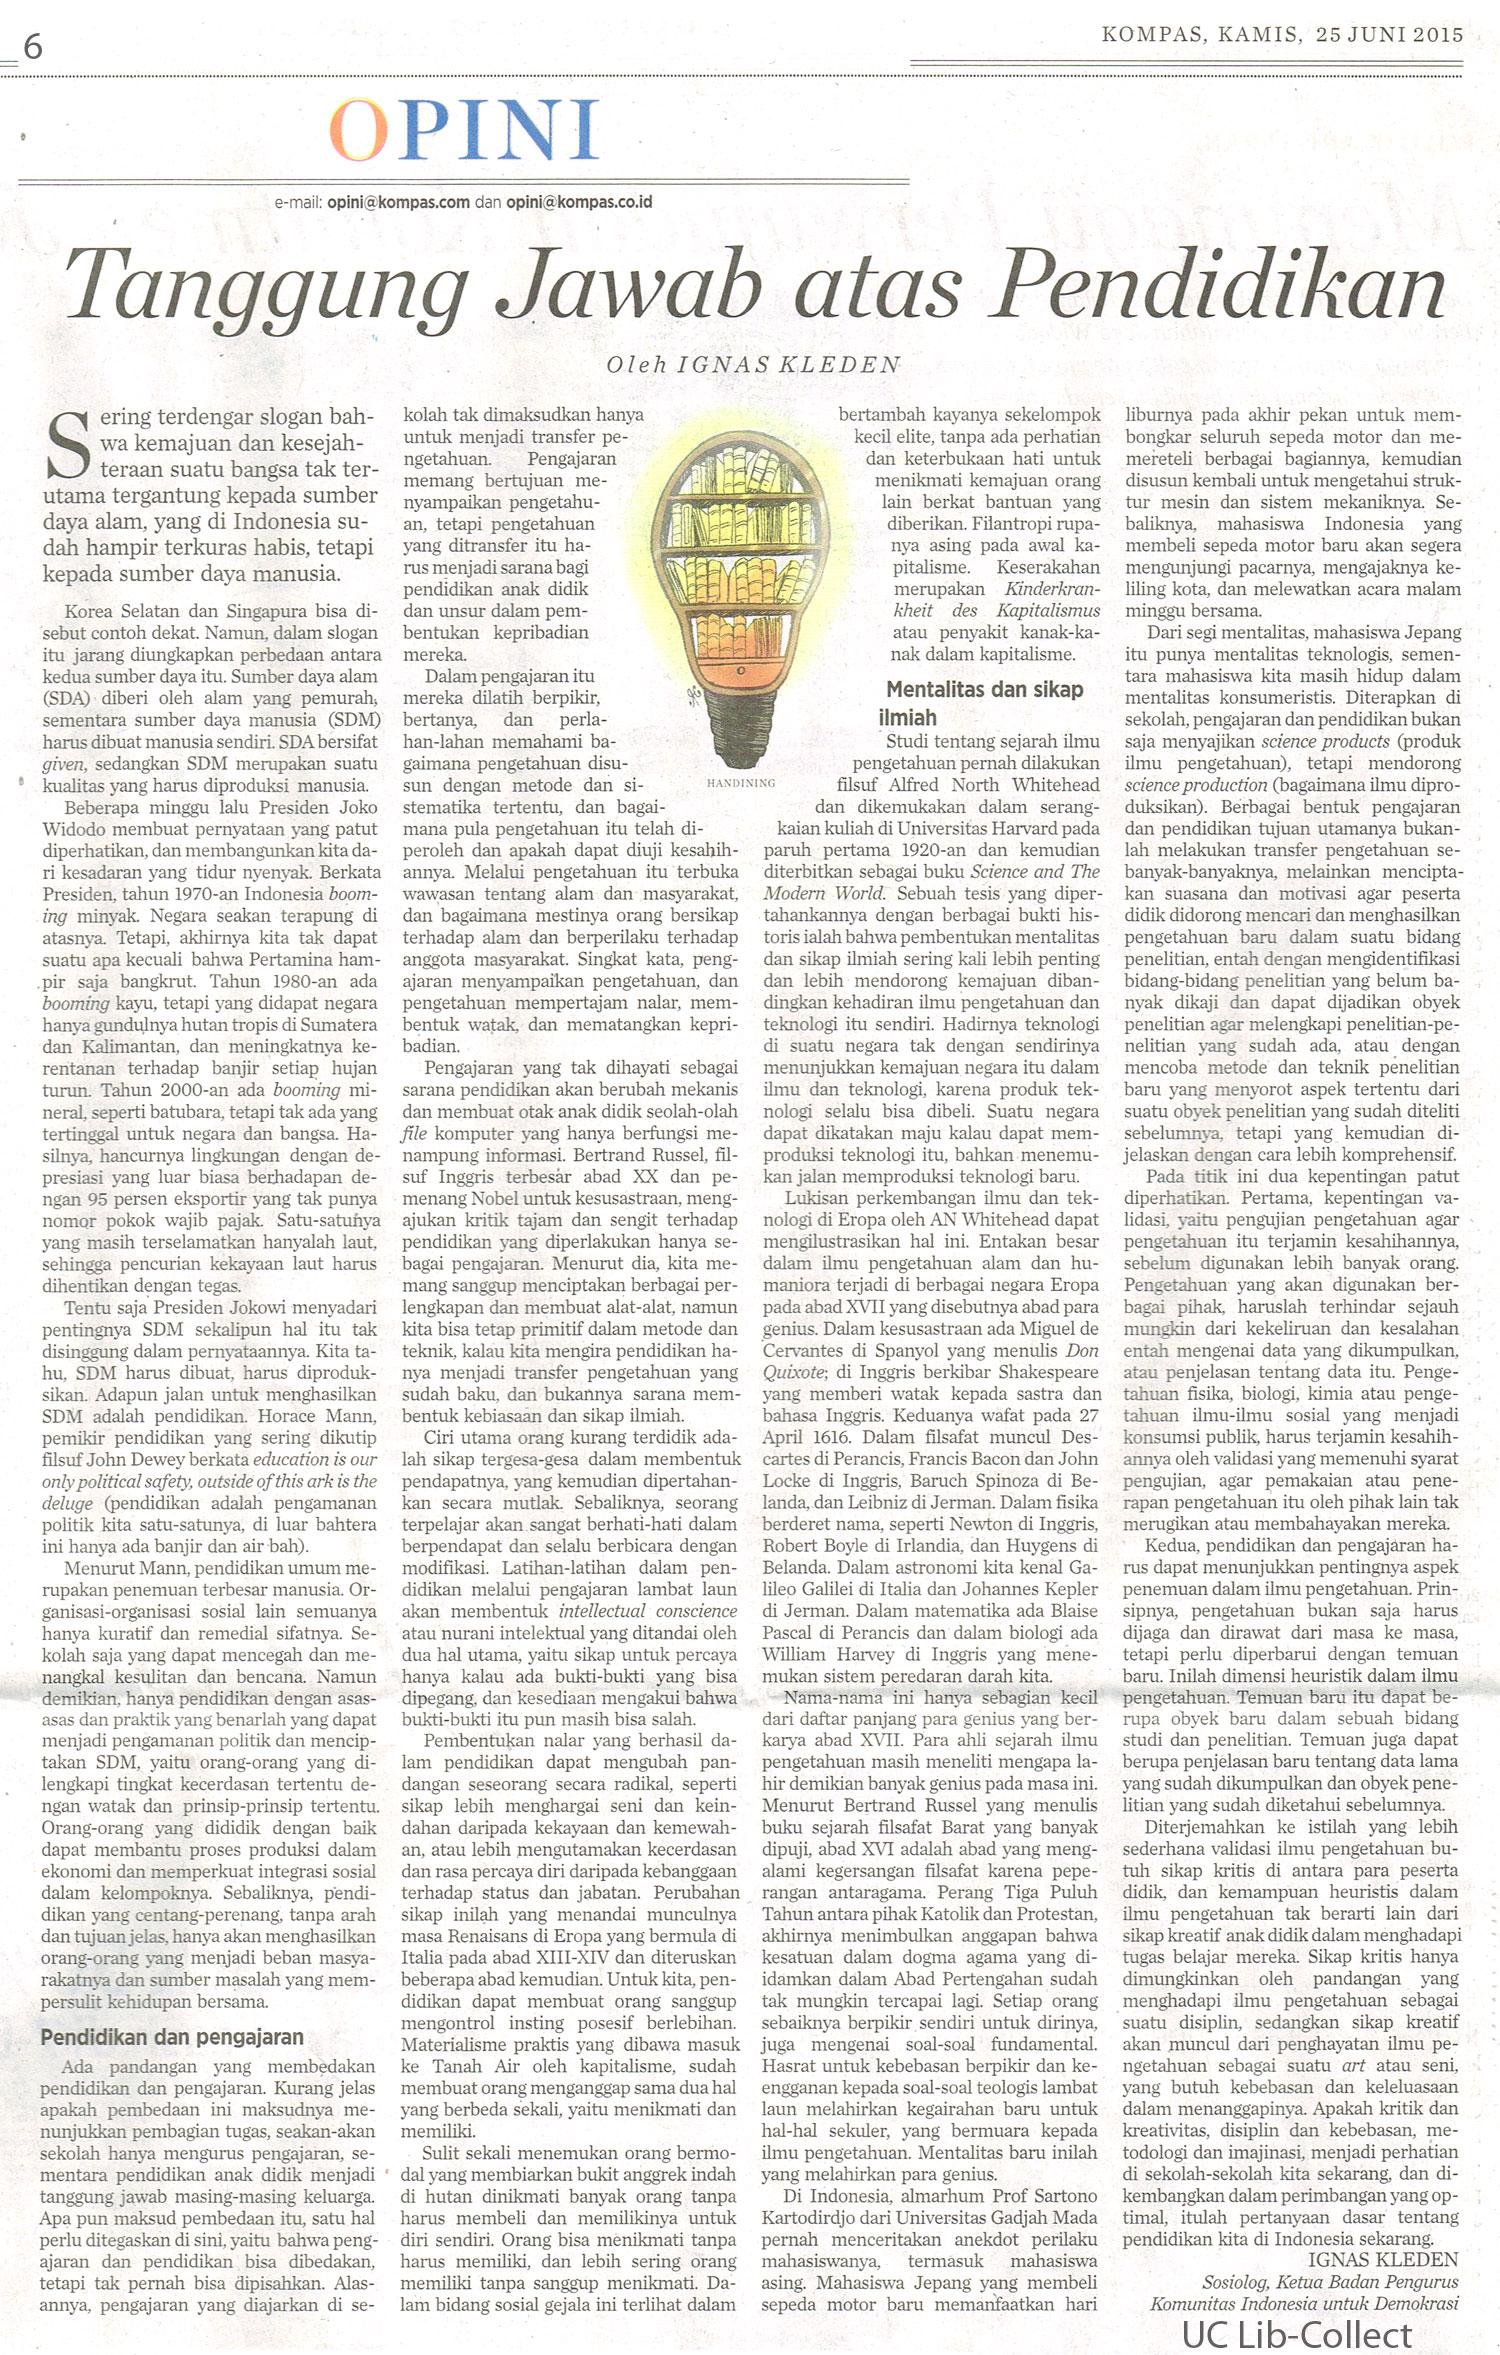 Tanggung-Jawab-atas-Pendidikan.-Kompas.25-Juni-2015.Hal.6